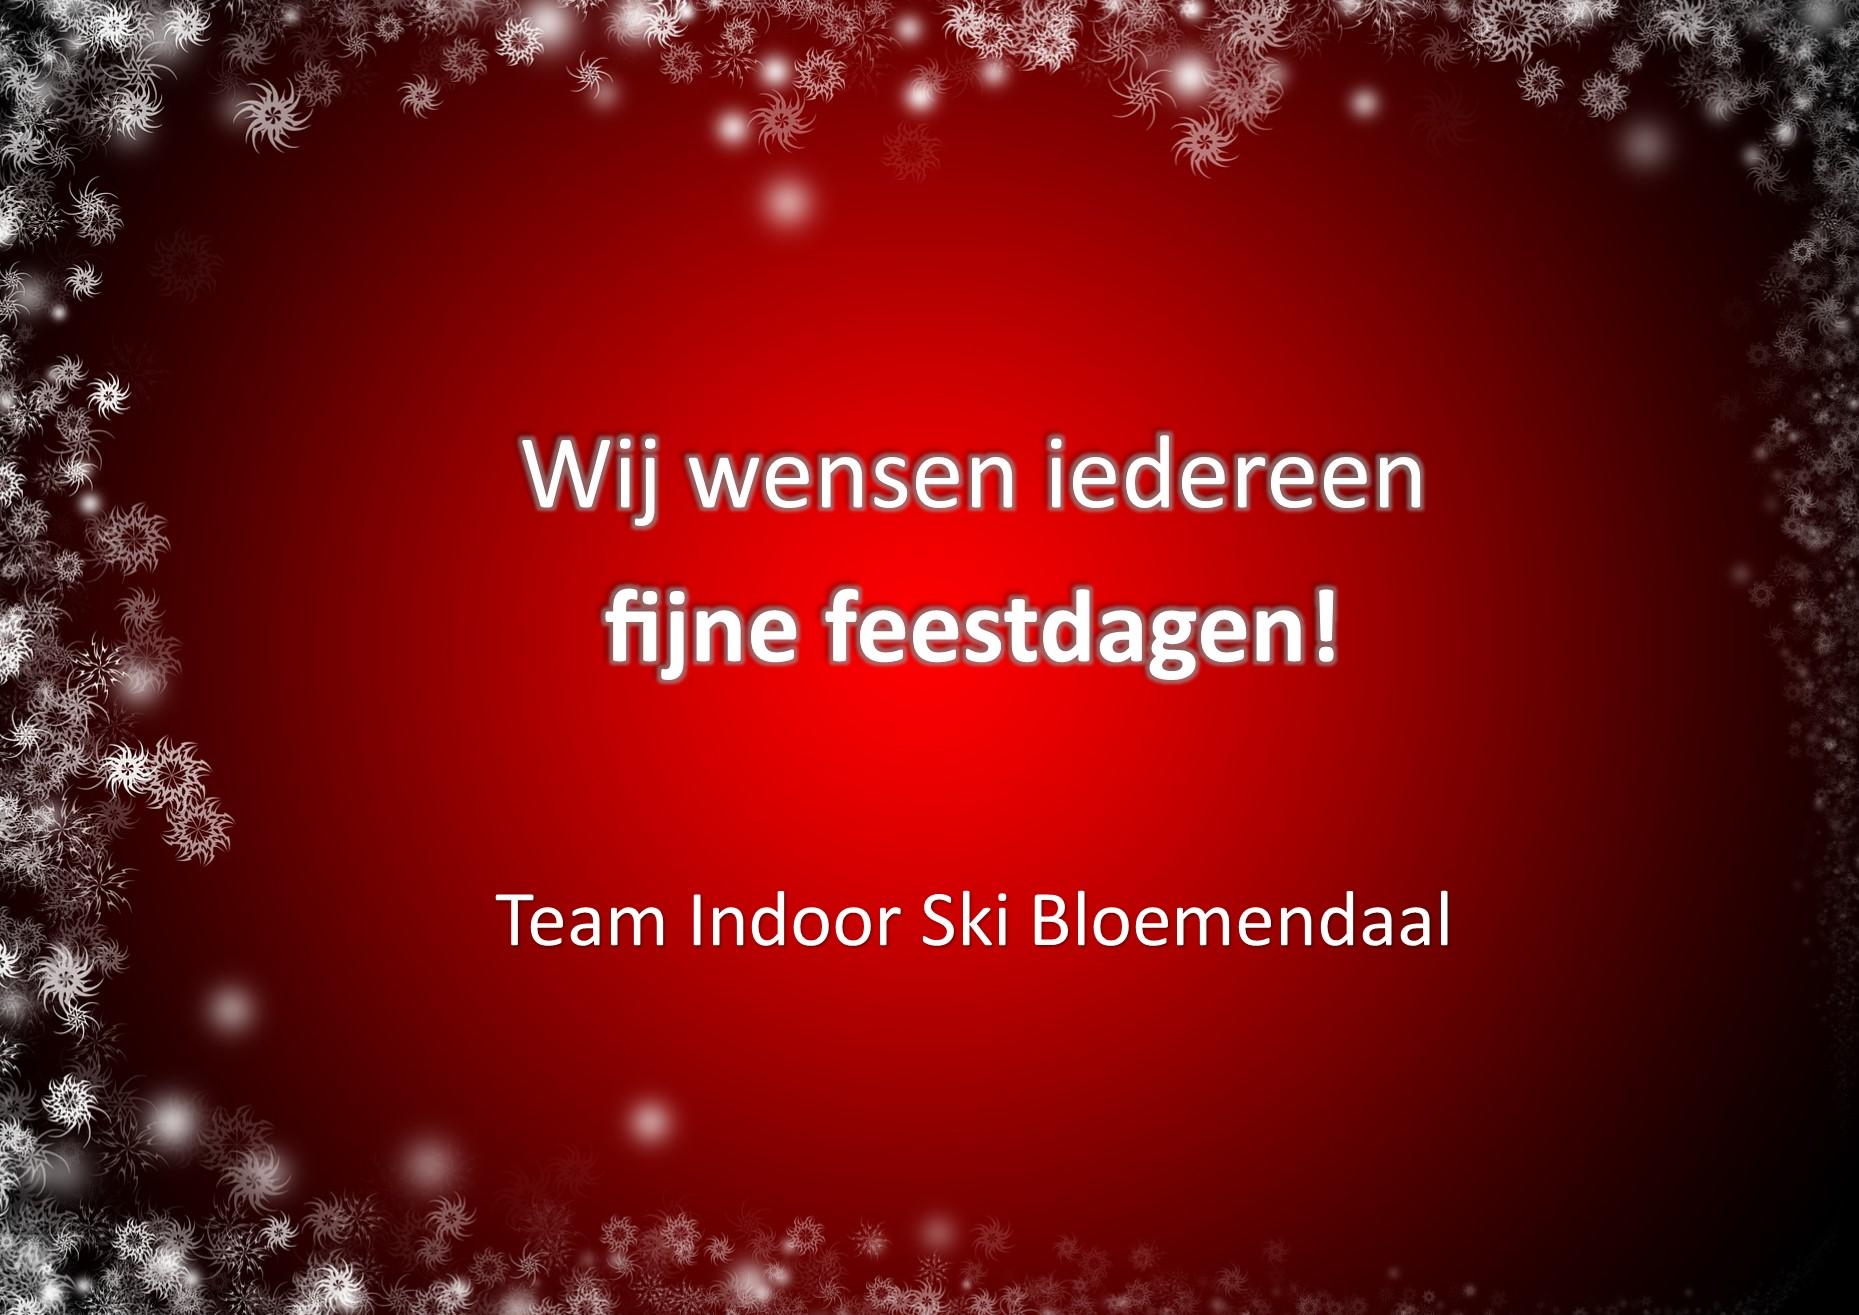 Kerstwens Indoor Ski Bloemendaal